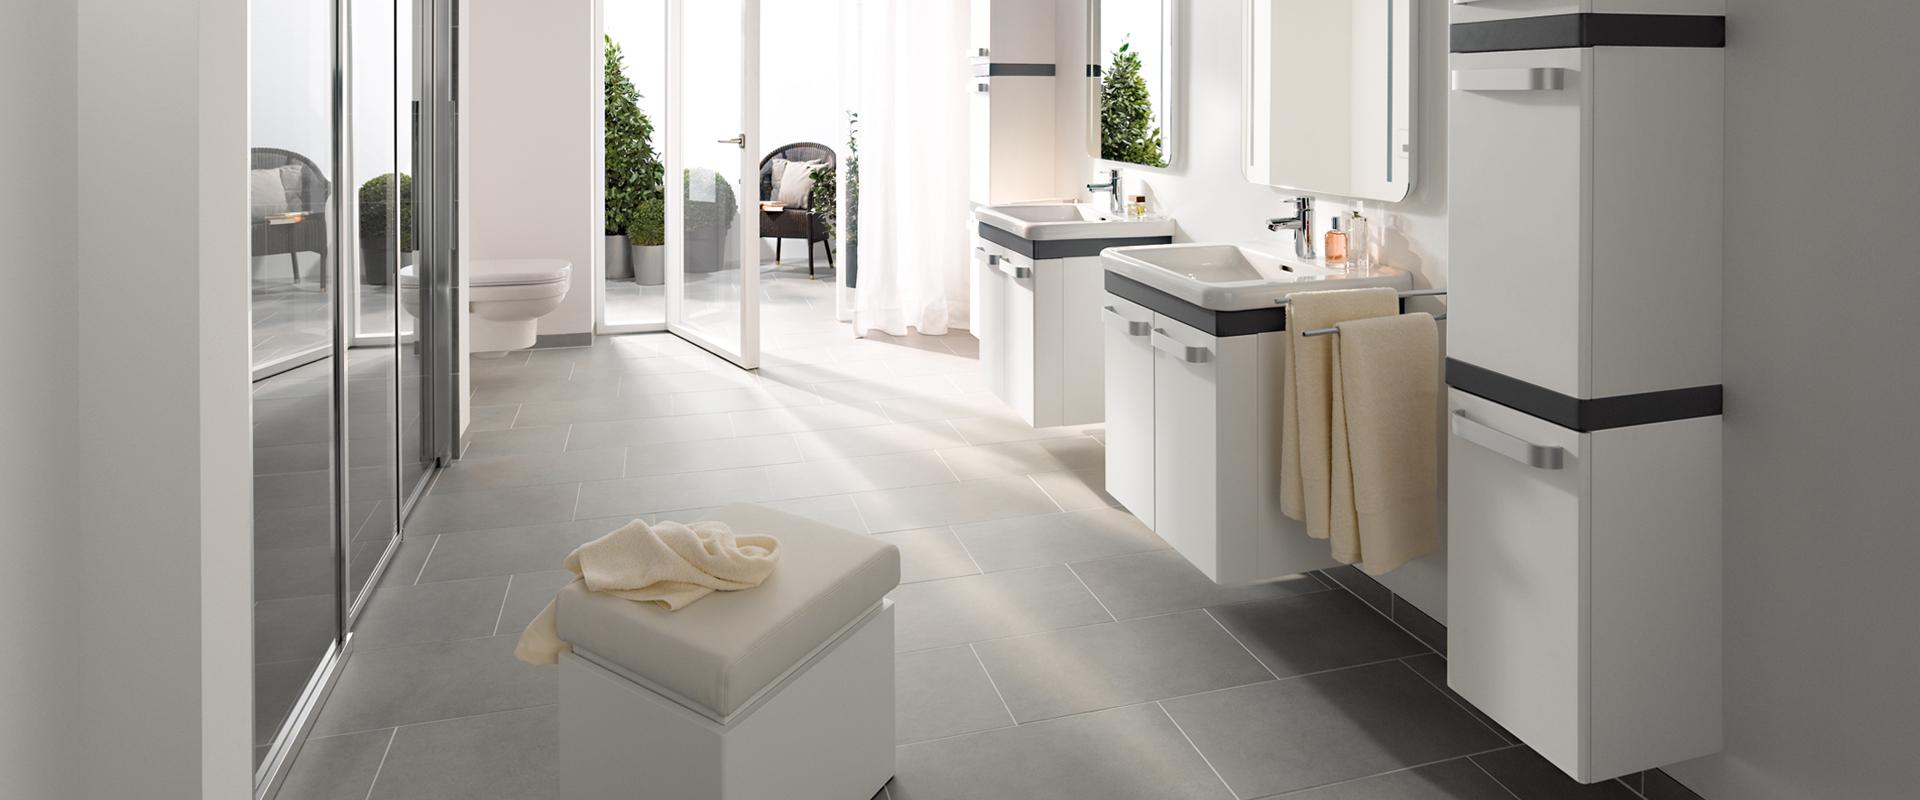 Sanitärinstallateur Klipphausen Seifert Bad & Heizung GmbH & Co.KG